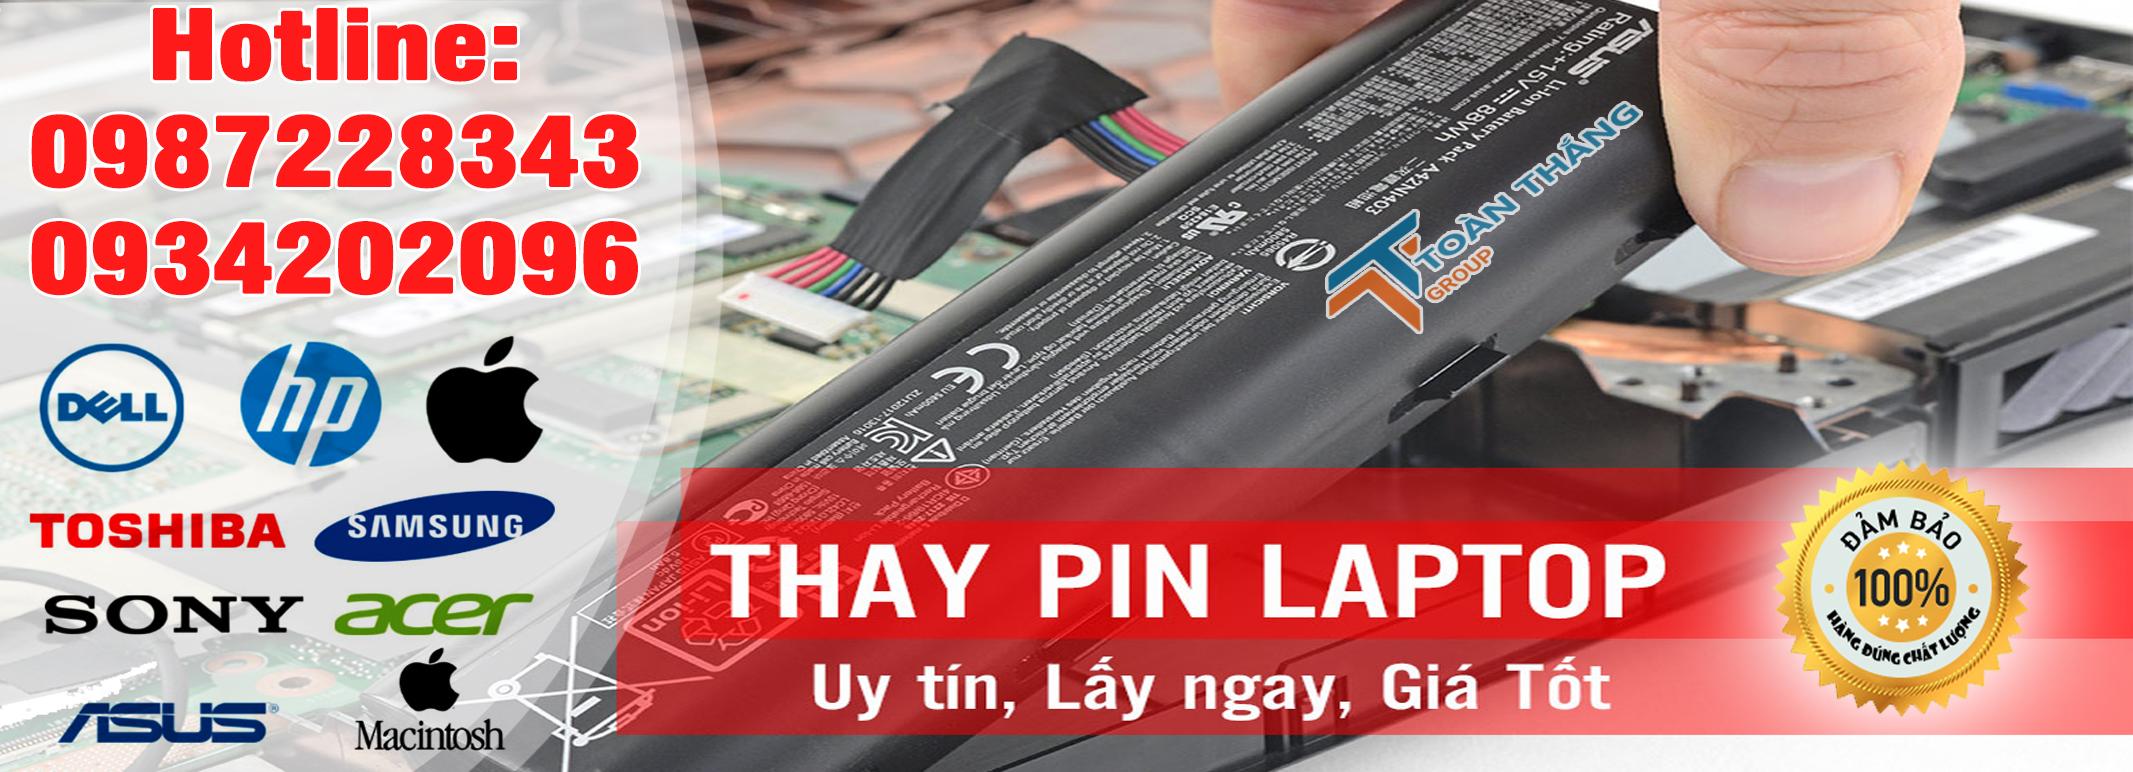 Công Ty Dịch Vụ Thay Pin Laptop Tận Nơi Quận 12 Uy Tín Chính Hãng